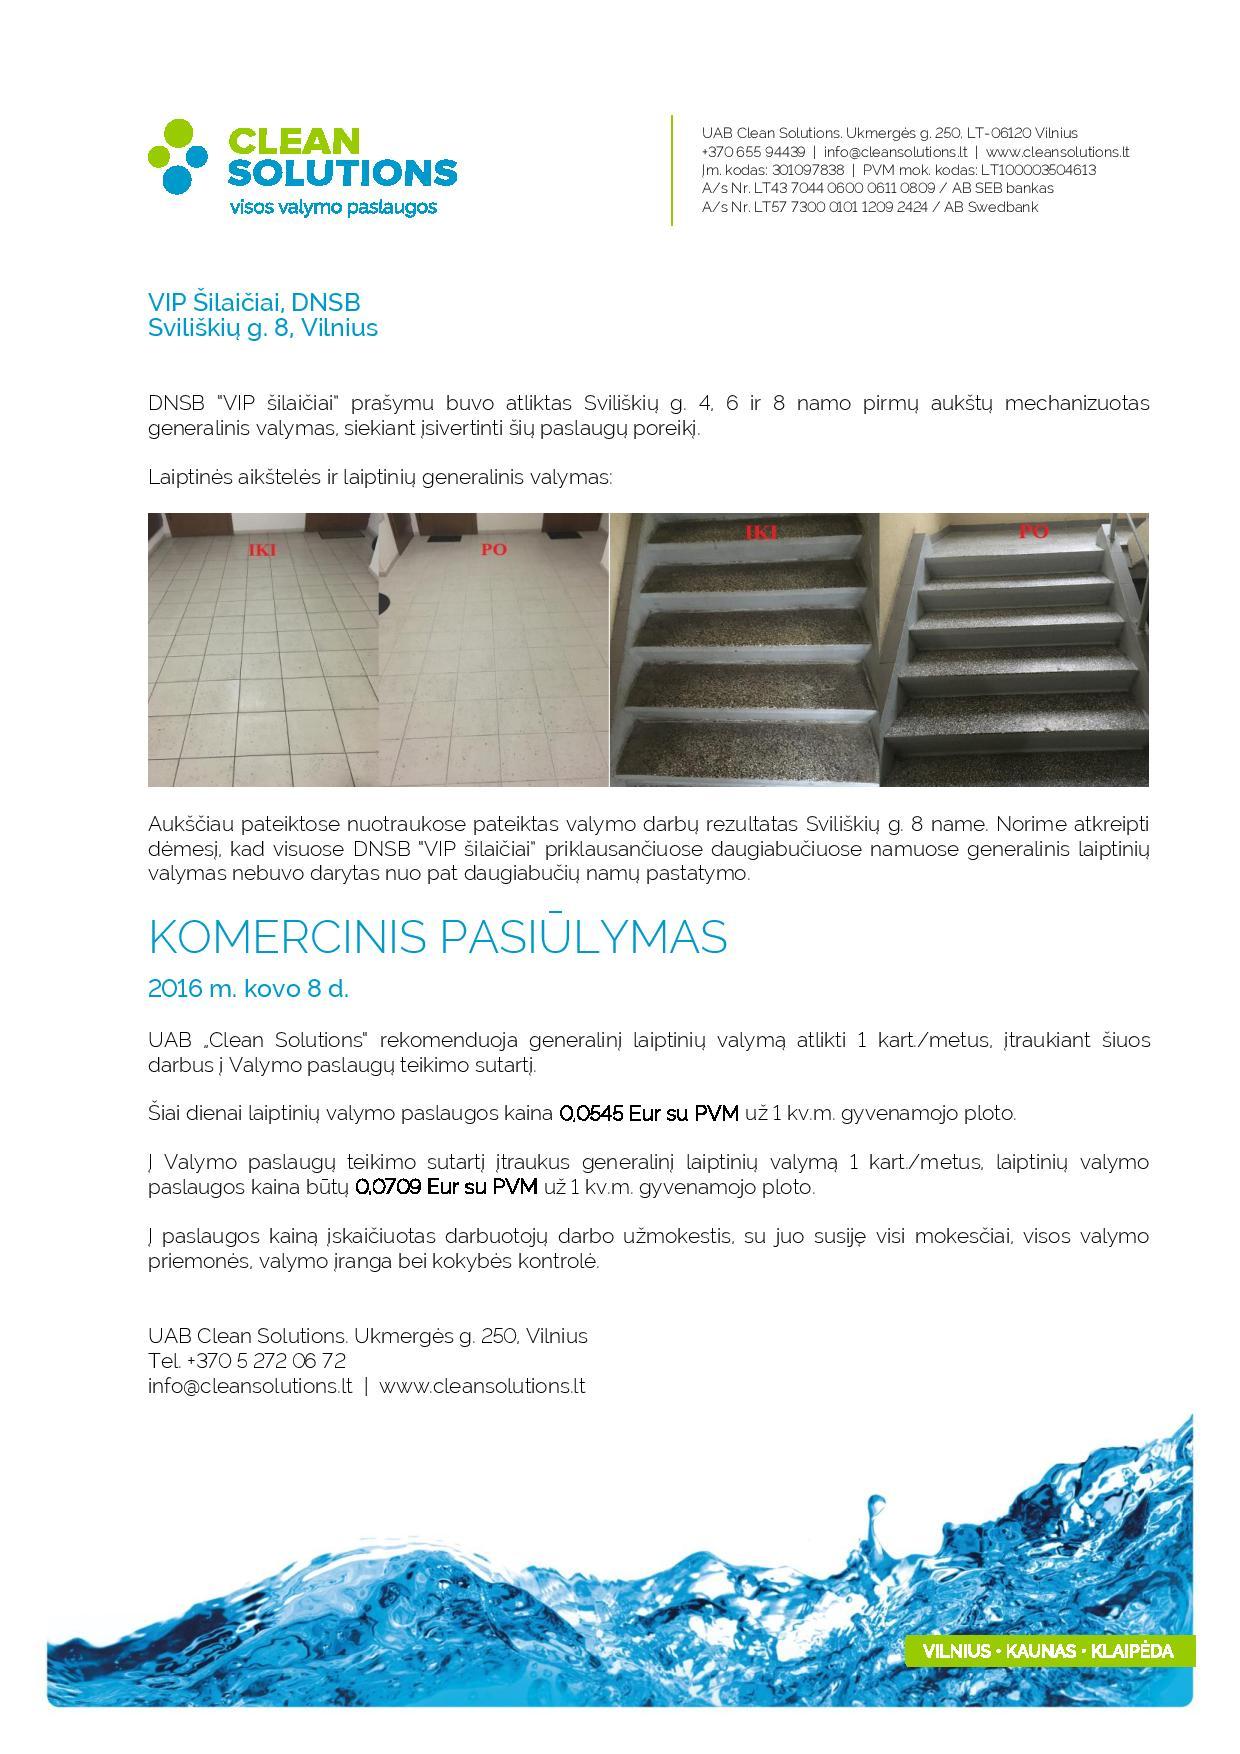 Komercinis pasiūlymas. VIP Šilaičiai, DNSB 2016-03-08-page-001